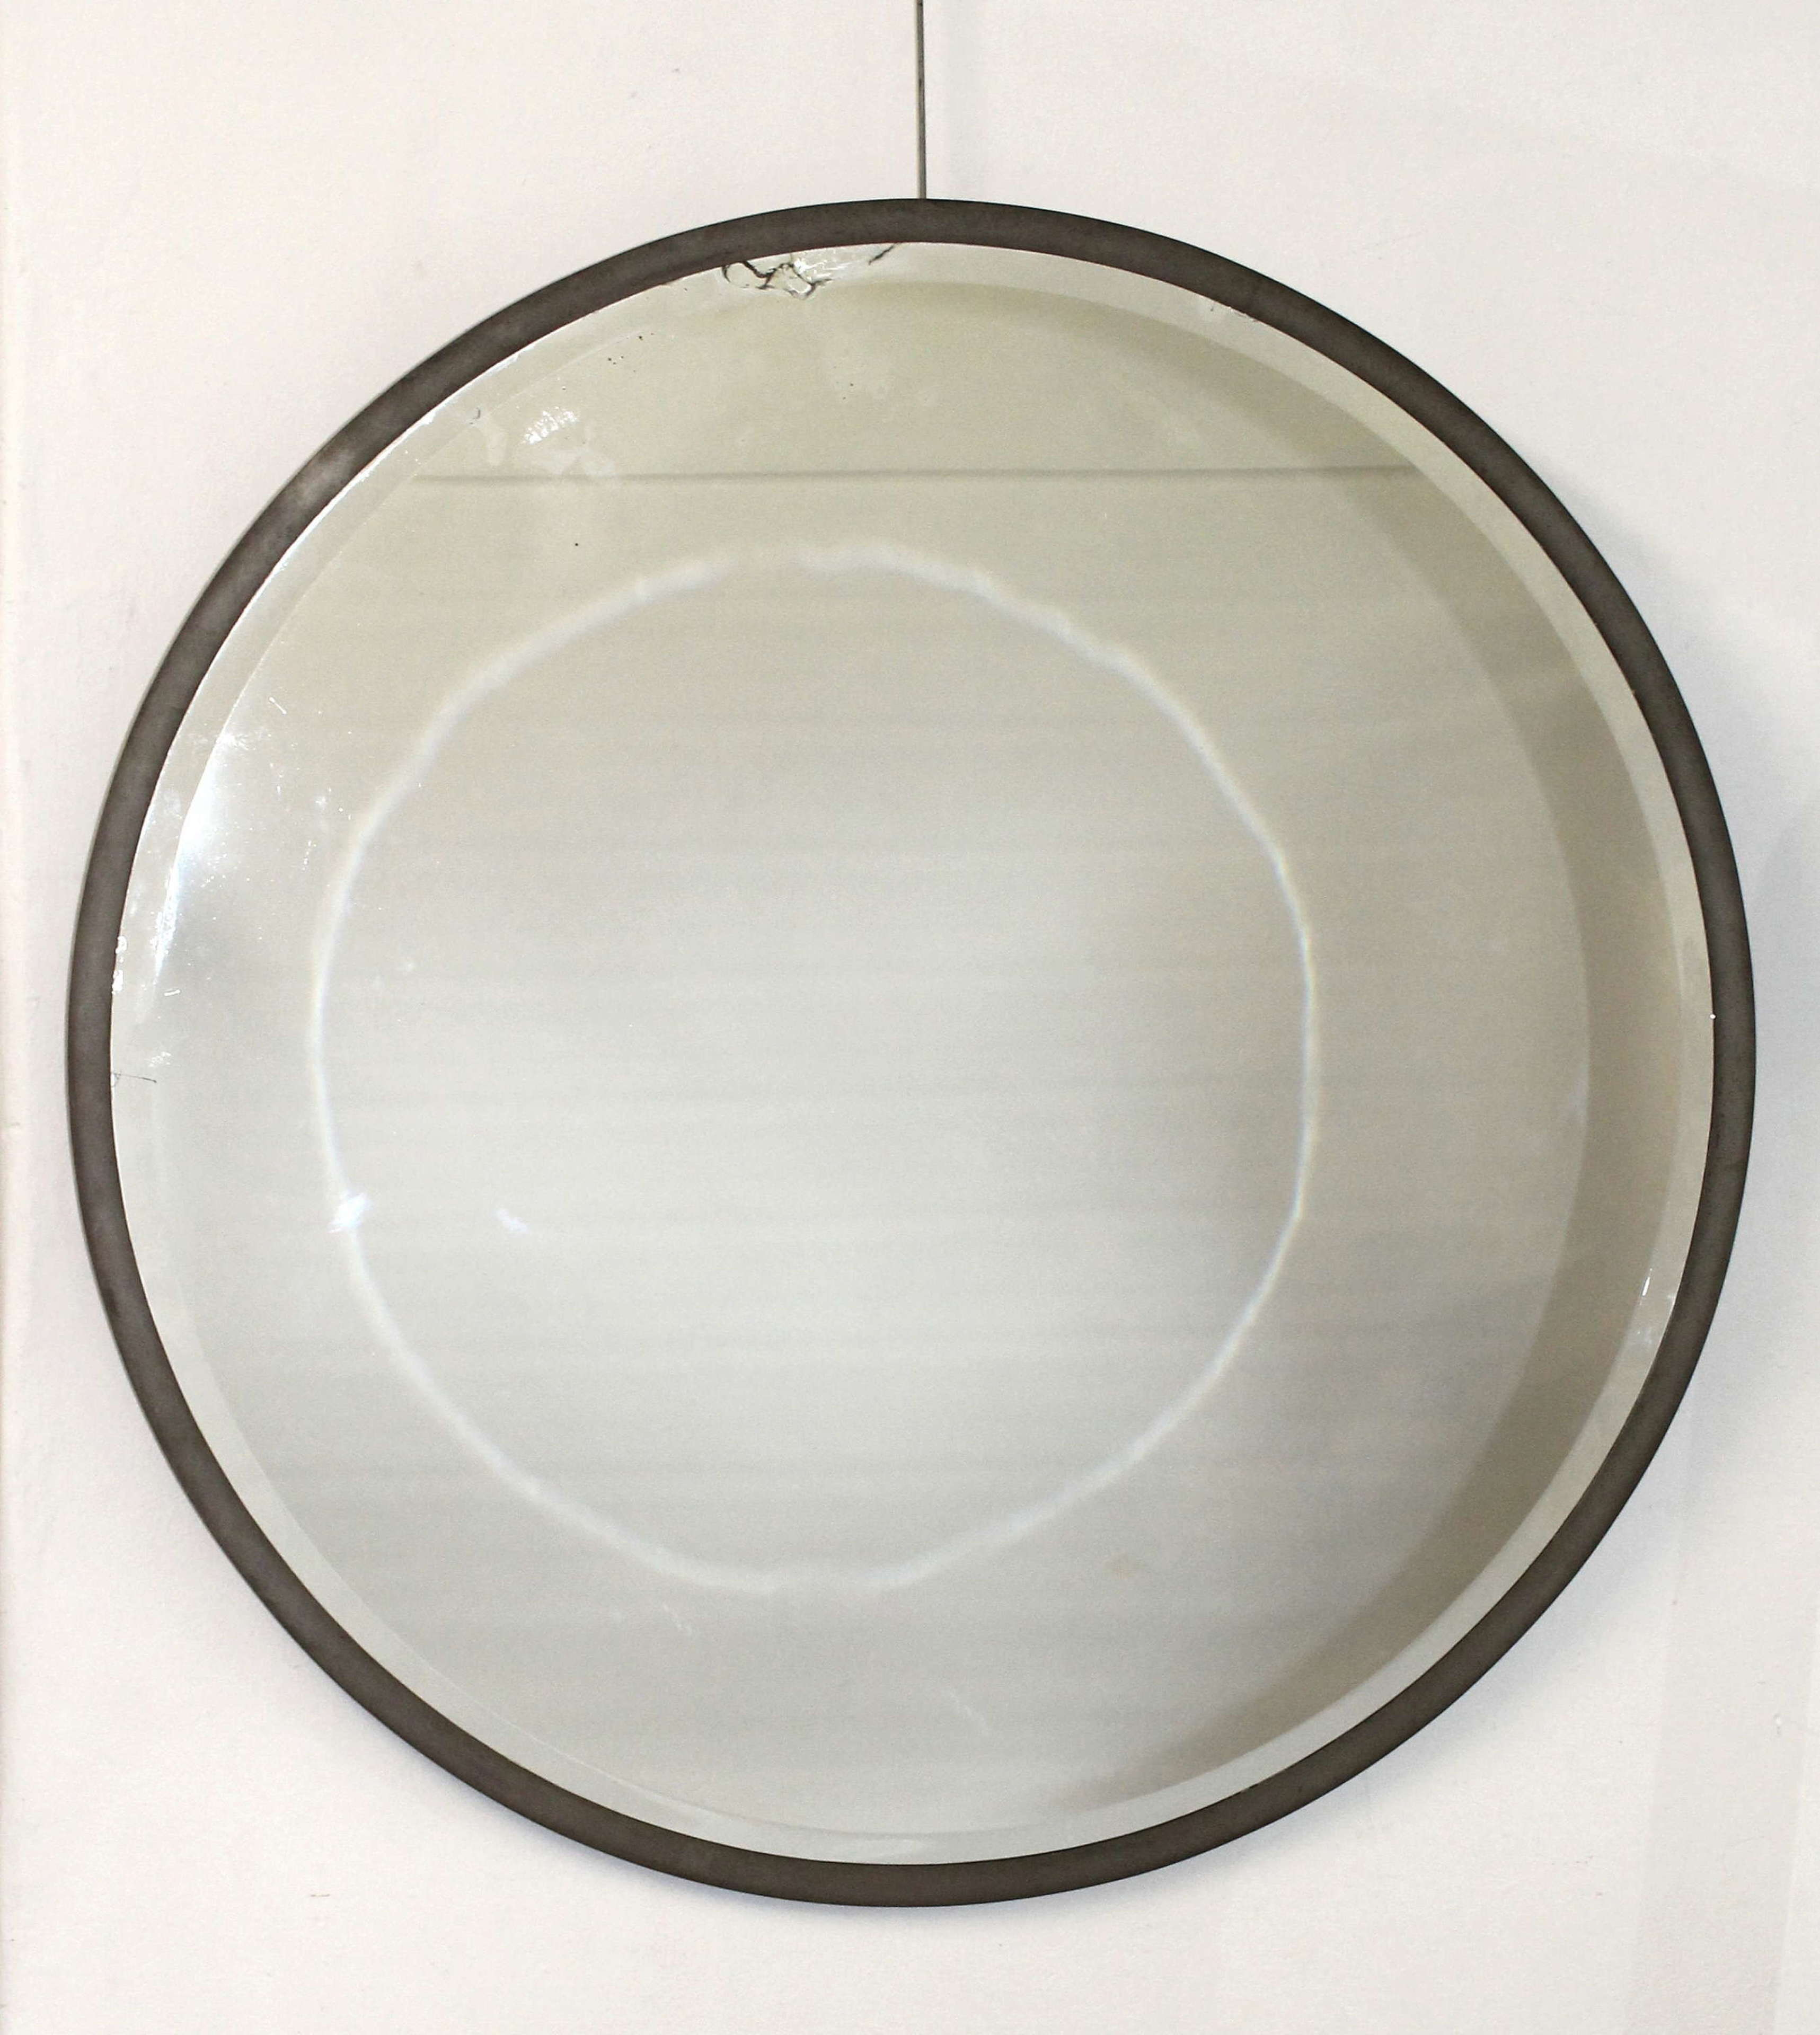 Large Vintage circular mirror with metal frame